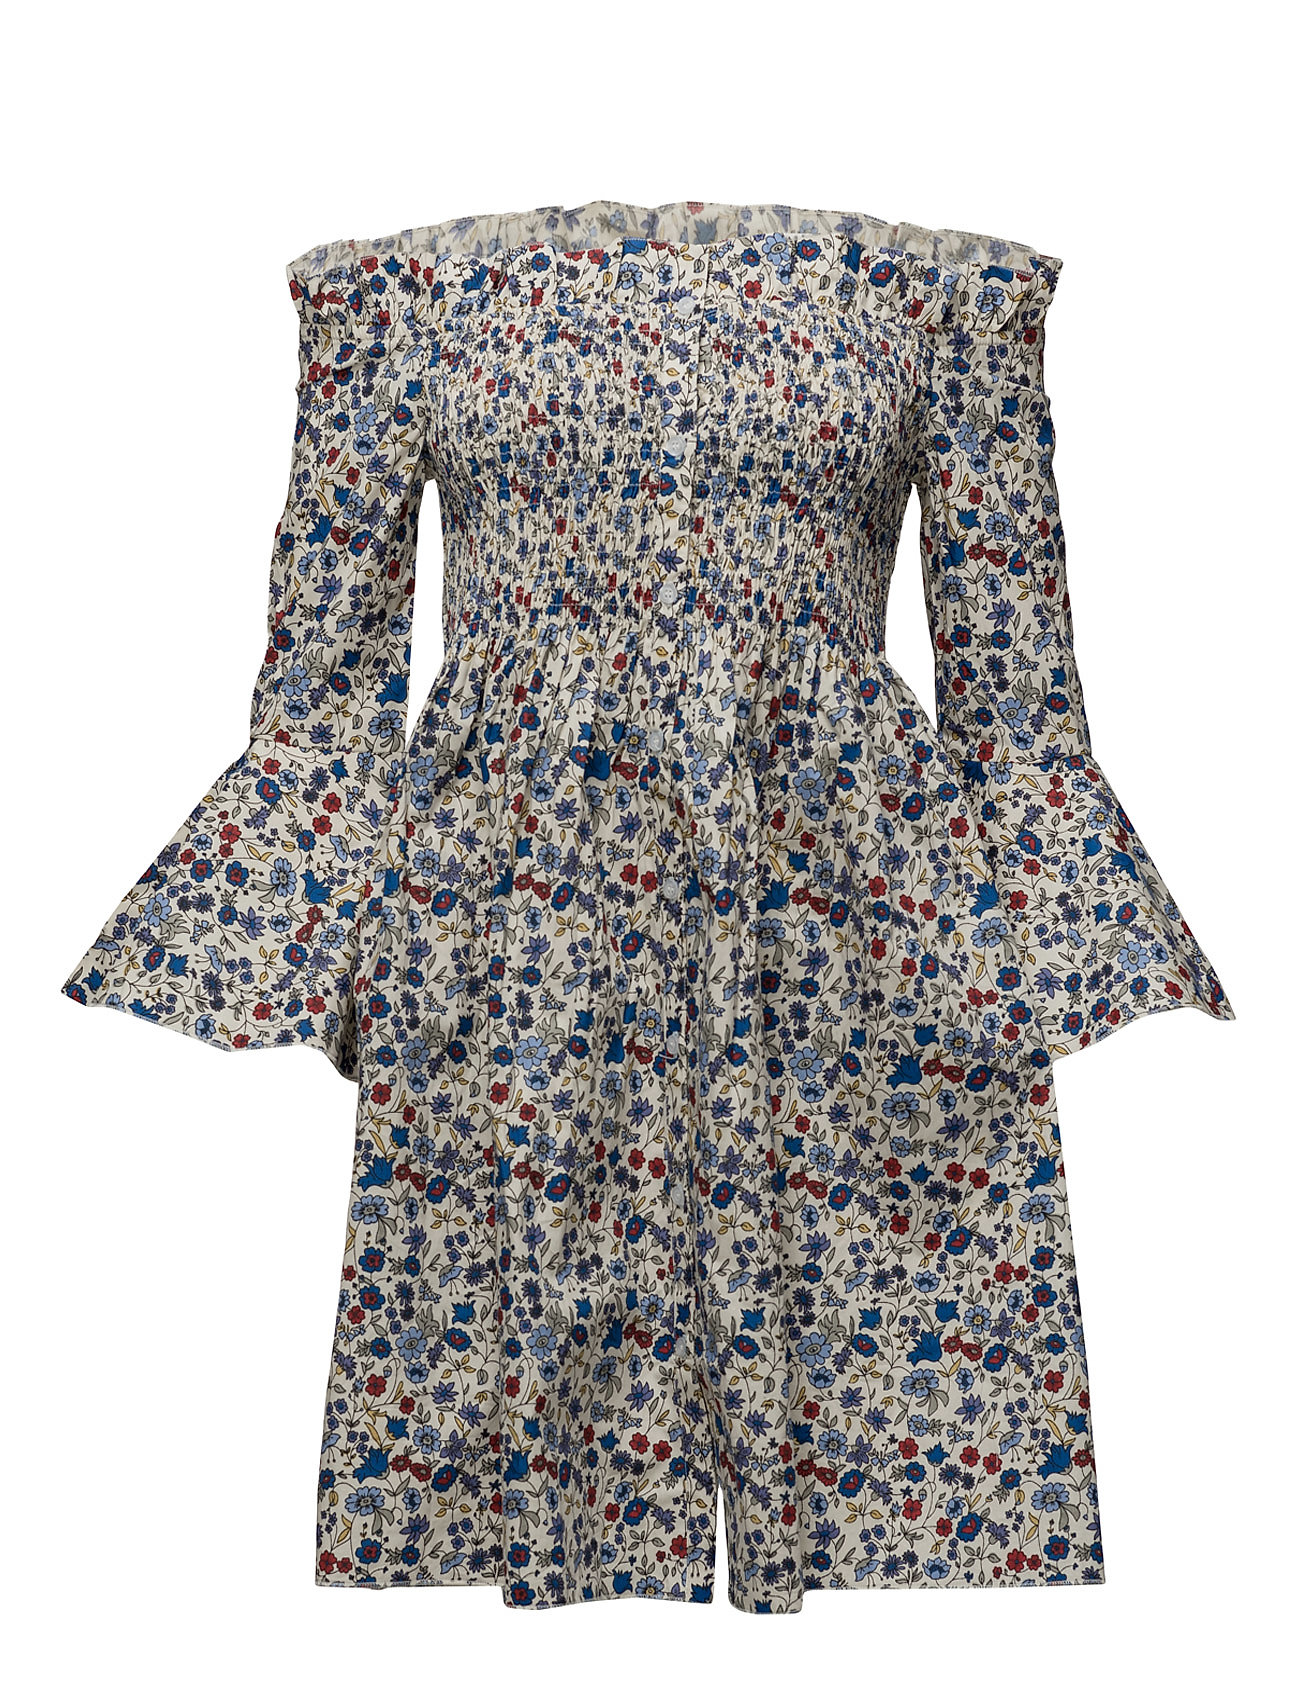 Ruched Detail Dress Mango Korte kjoler til Damer i Lt-Pastel blå